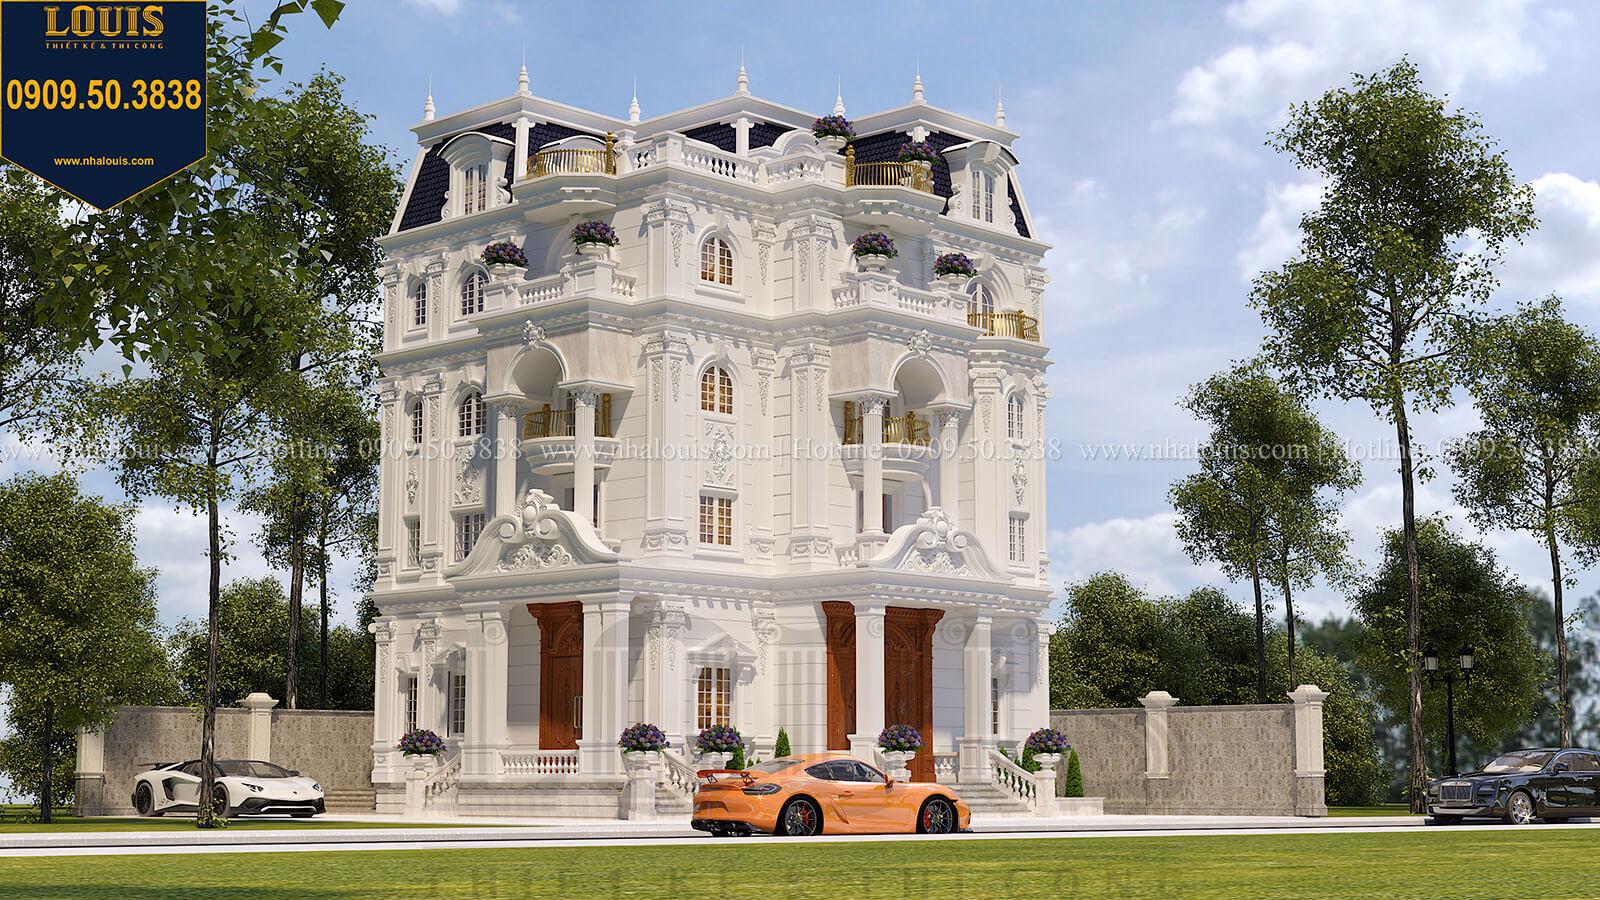 Top 10 mẫu biệt thự cổ điển đẹp hút hồn năm 2018